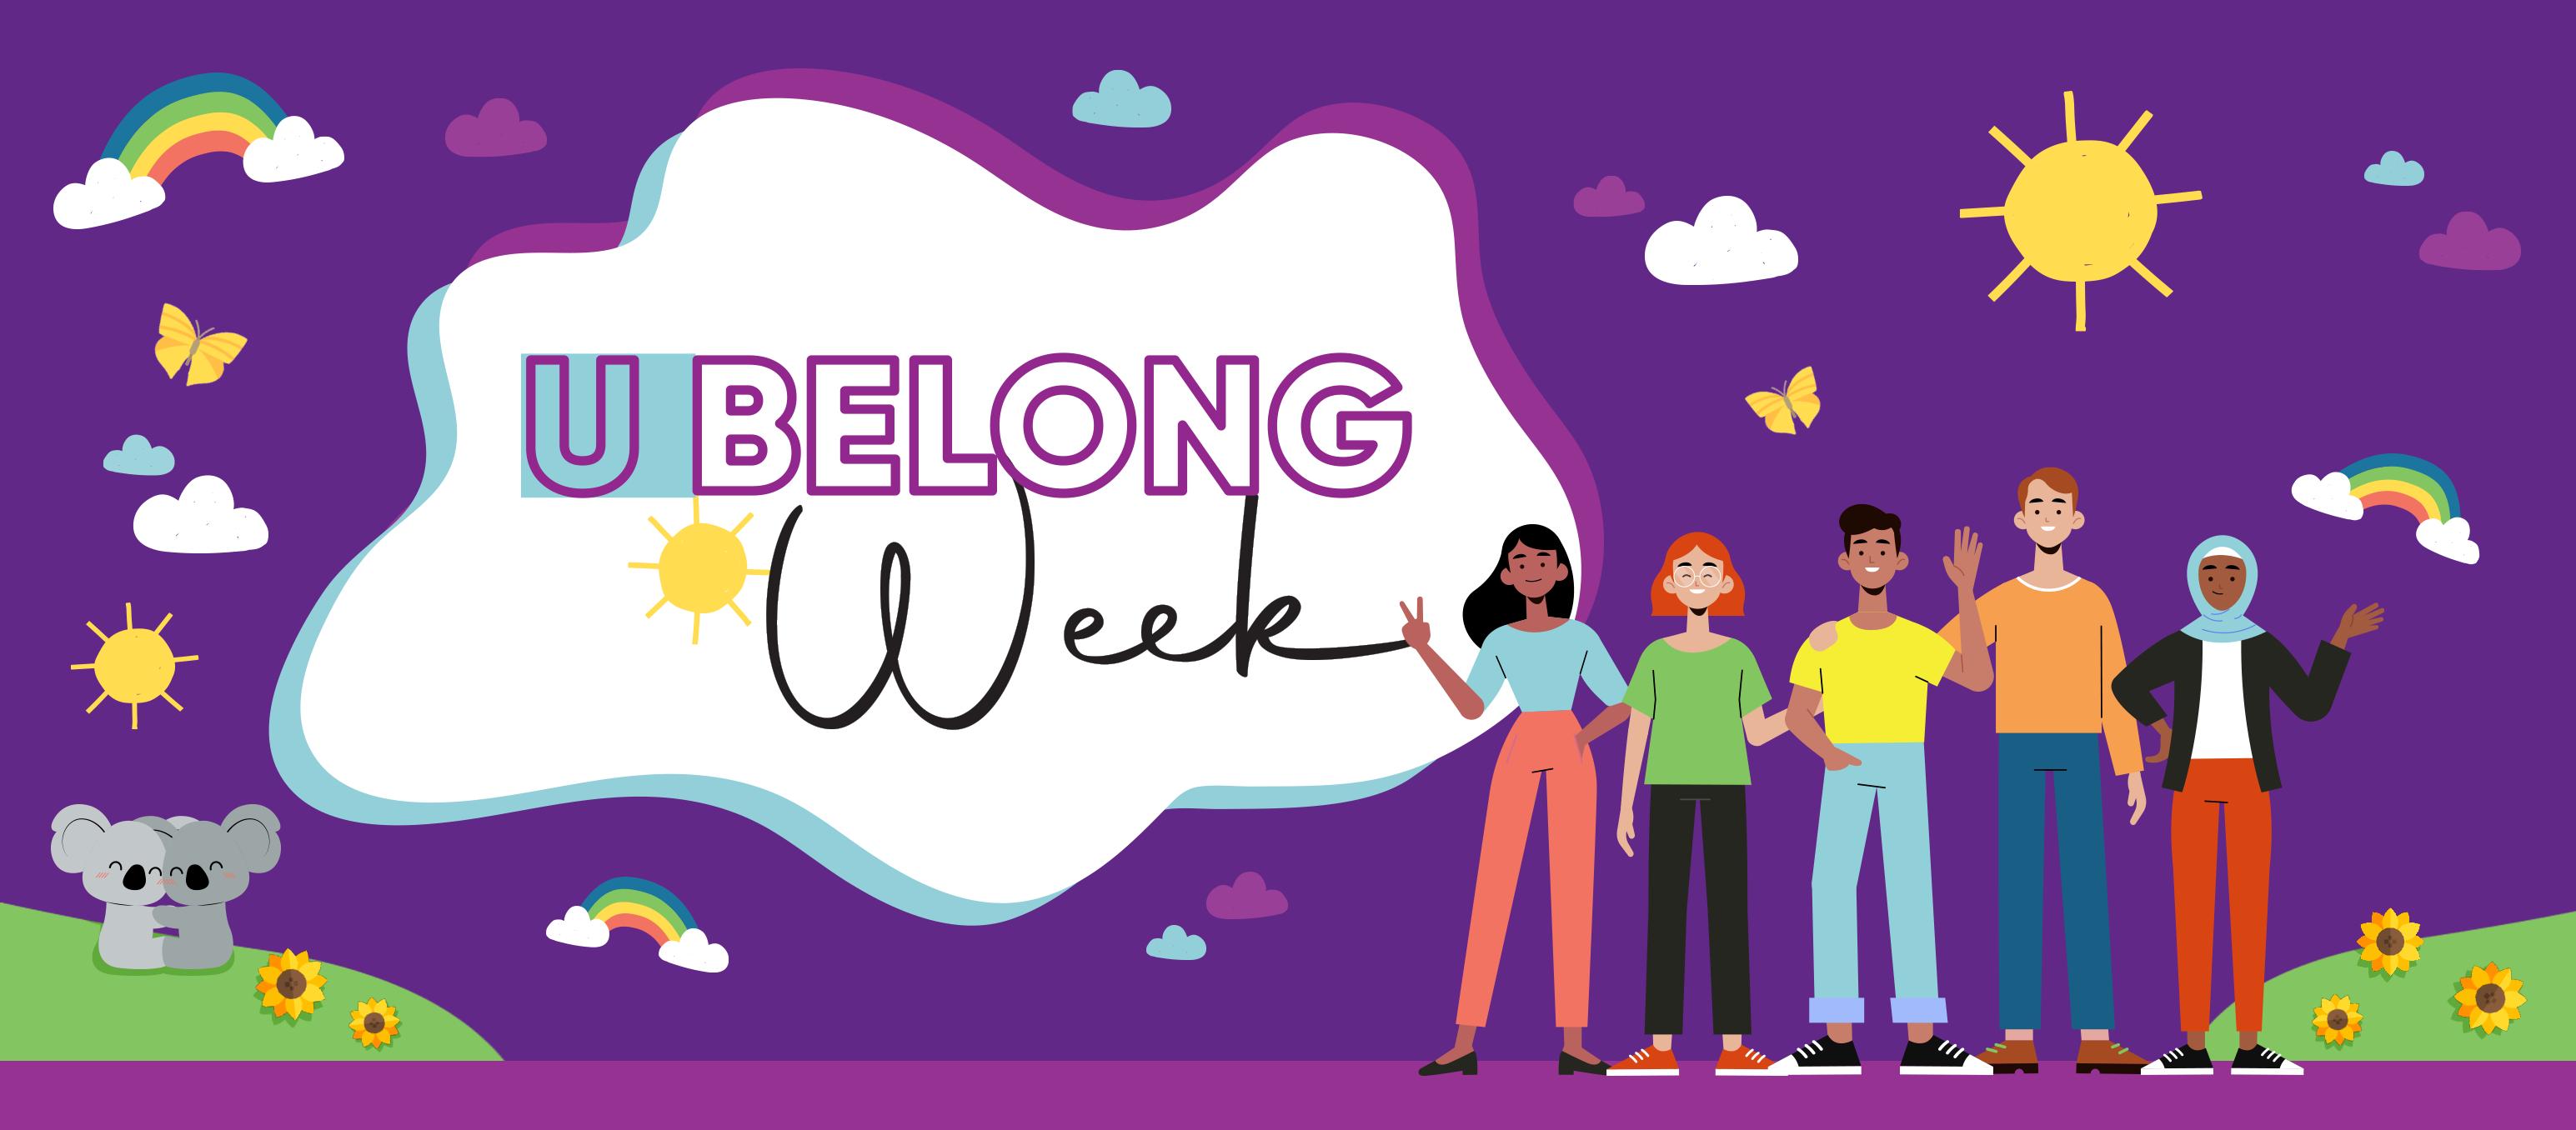 U Belong Week